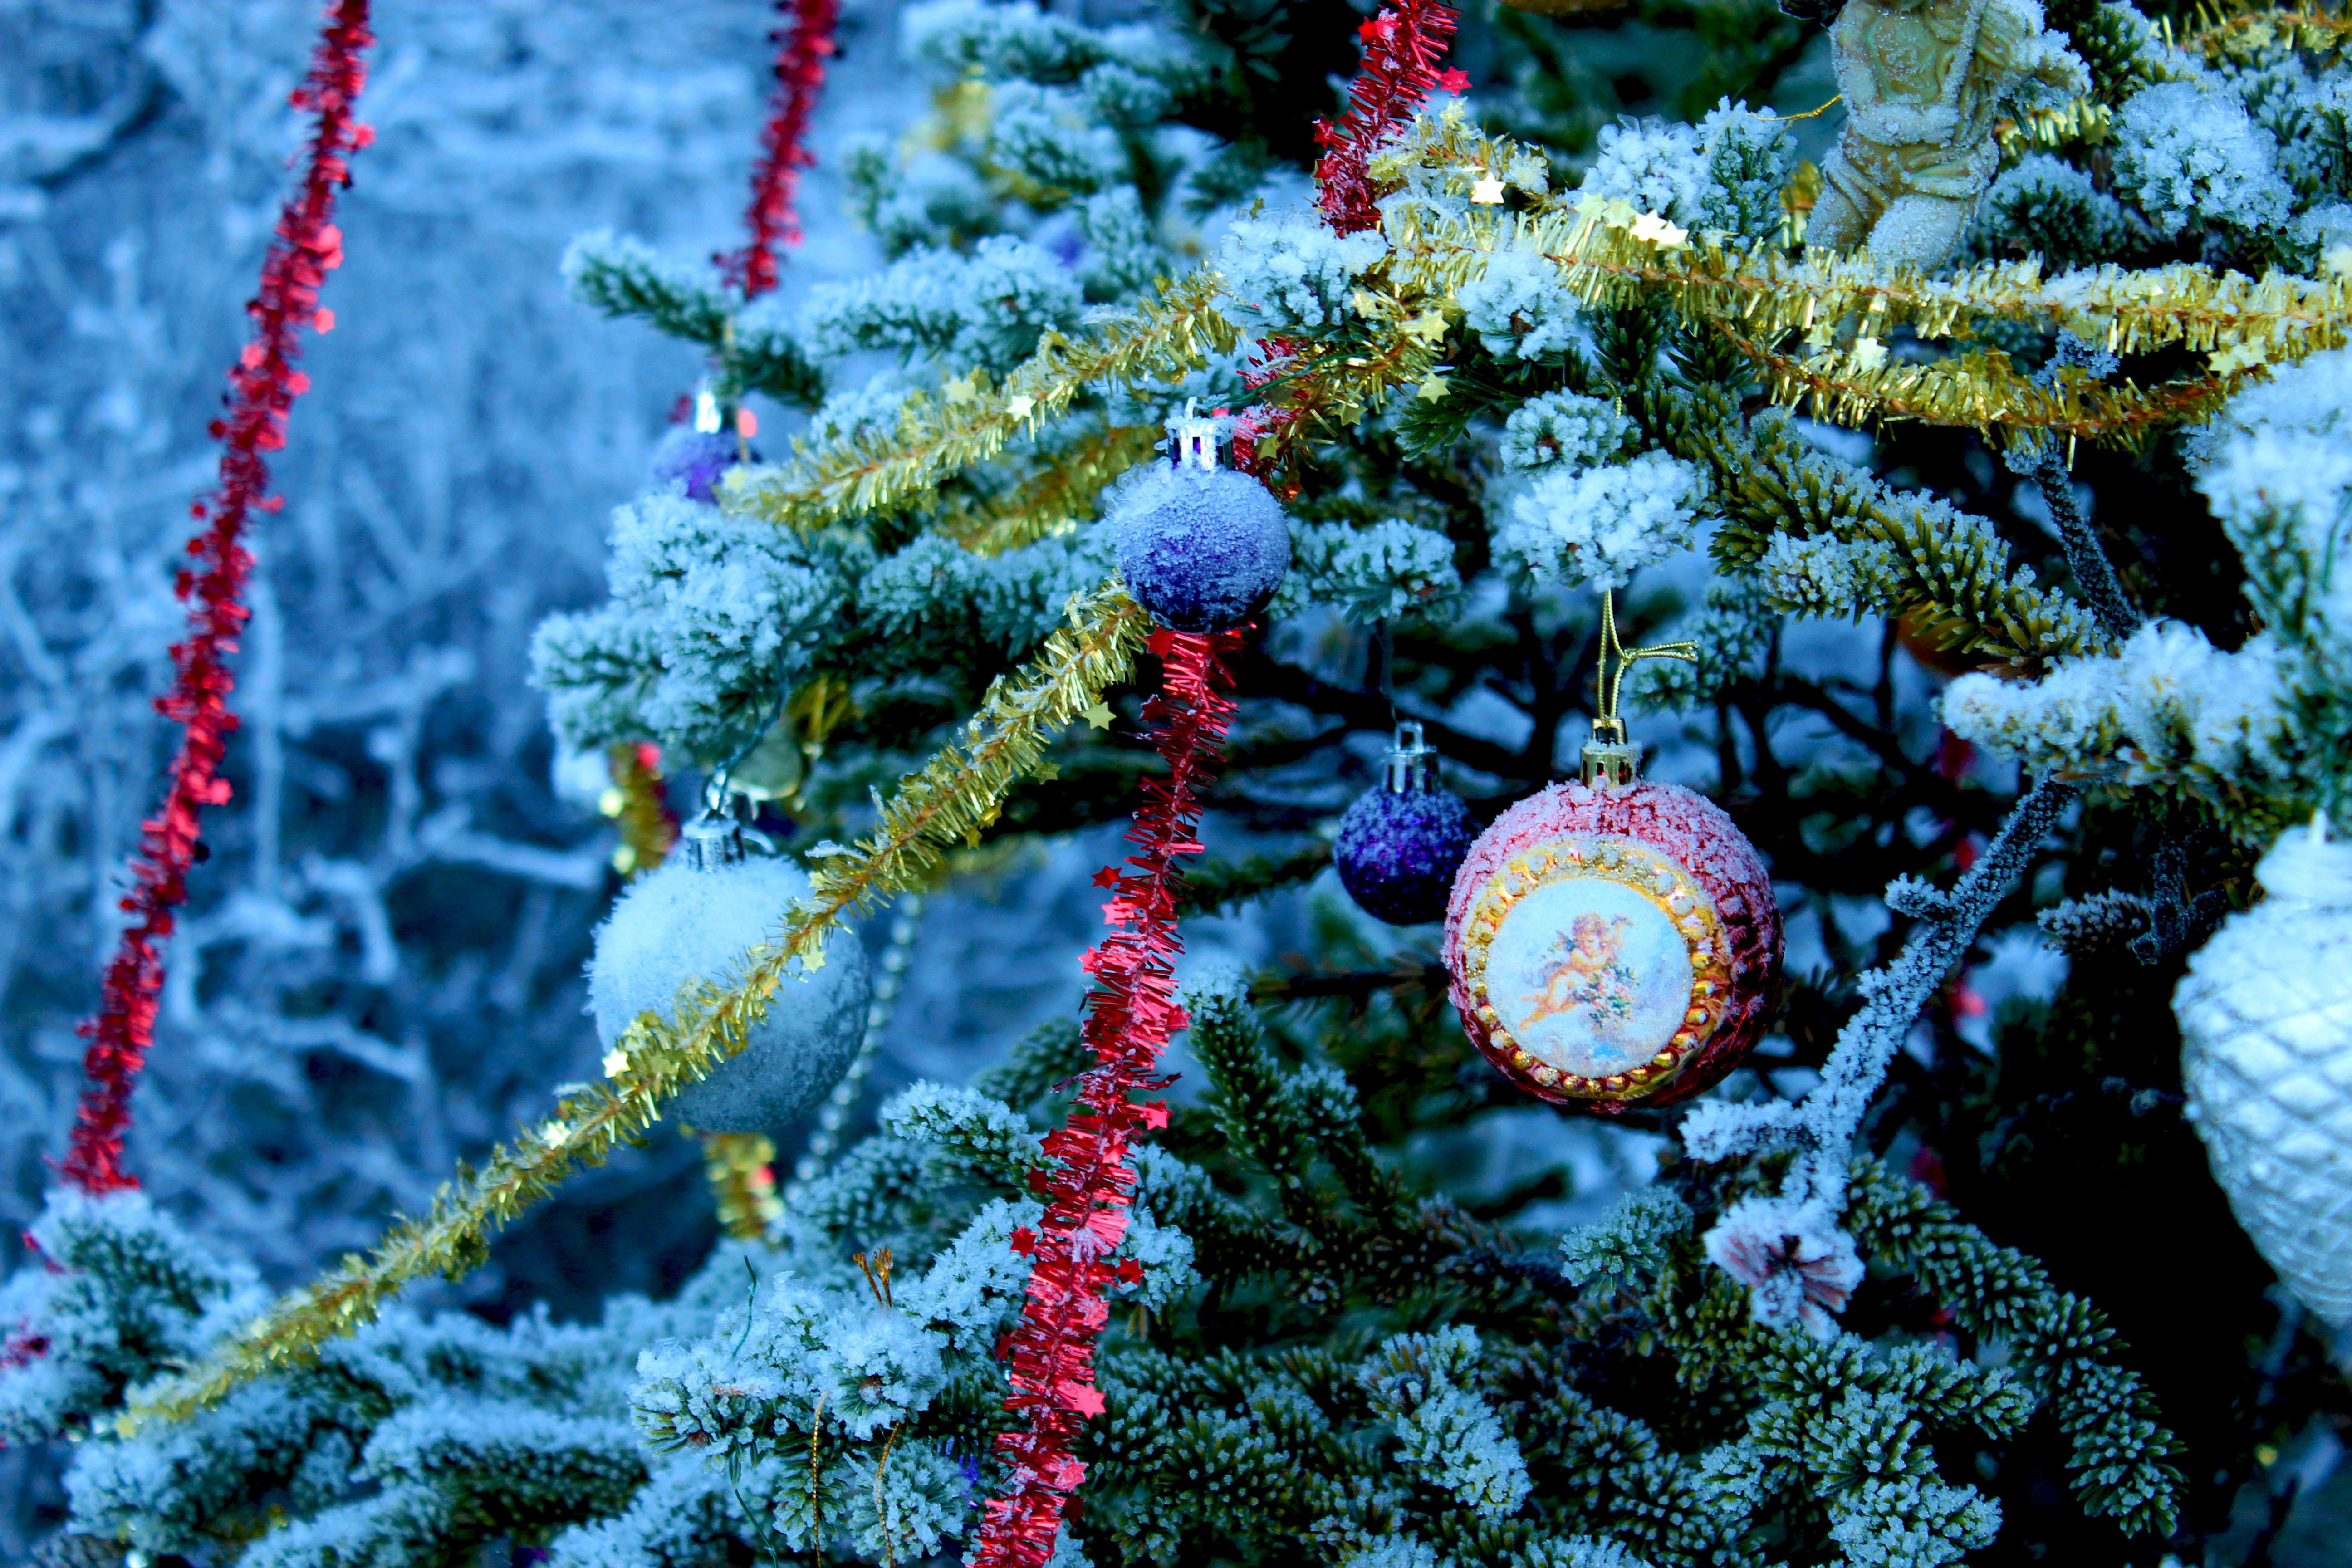 обои новый год, с новым годом, новогодние обои, елка картинки фото